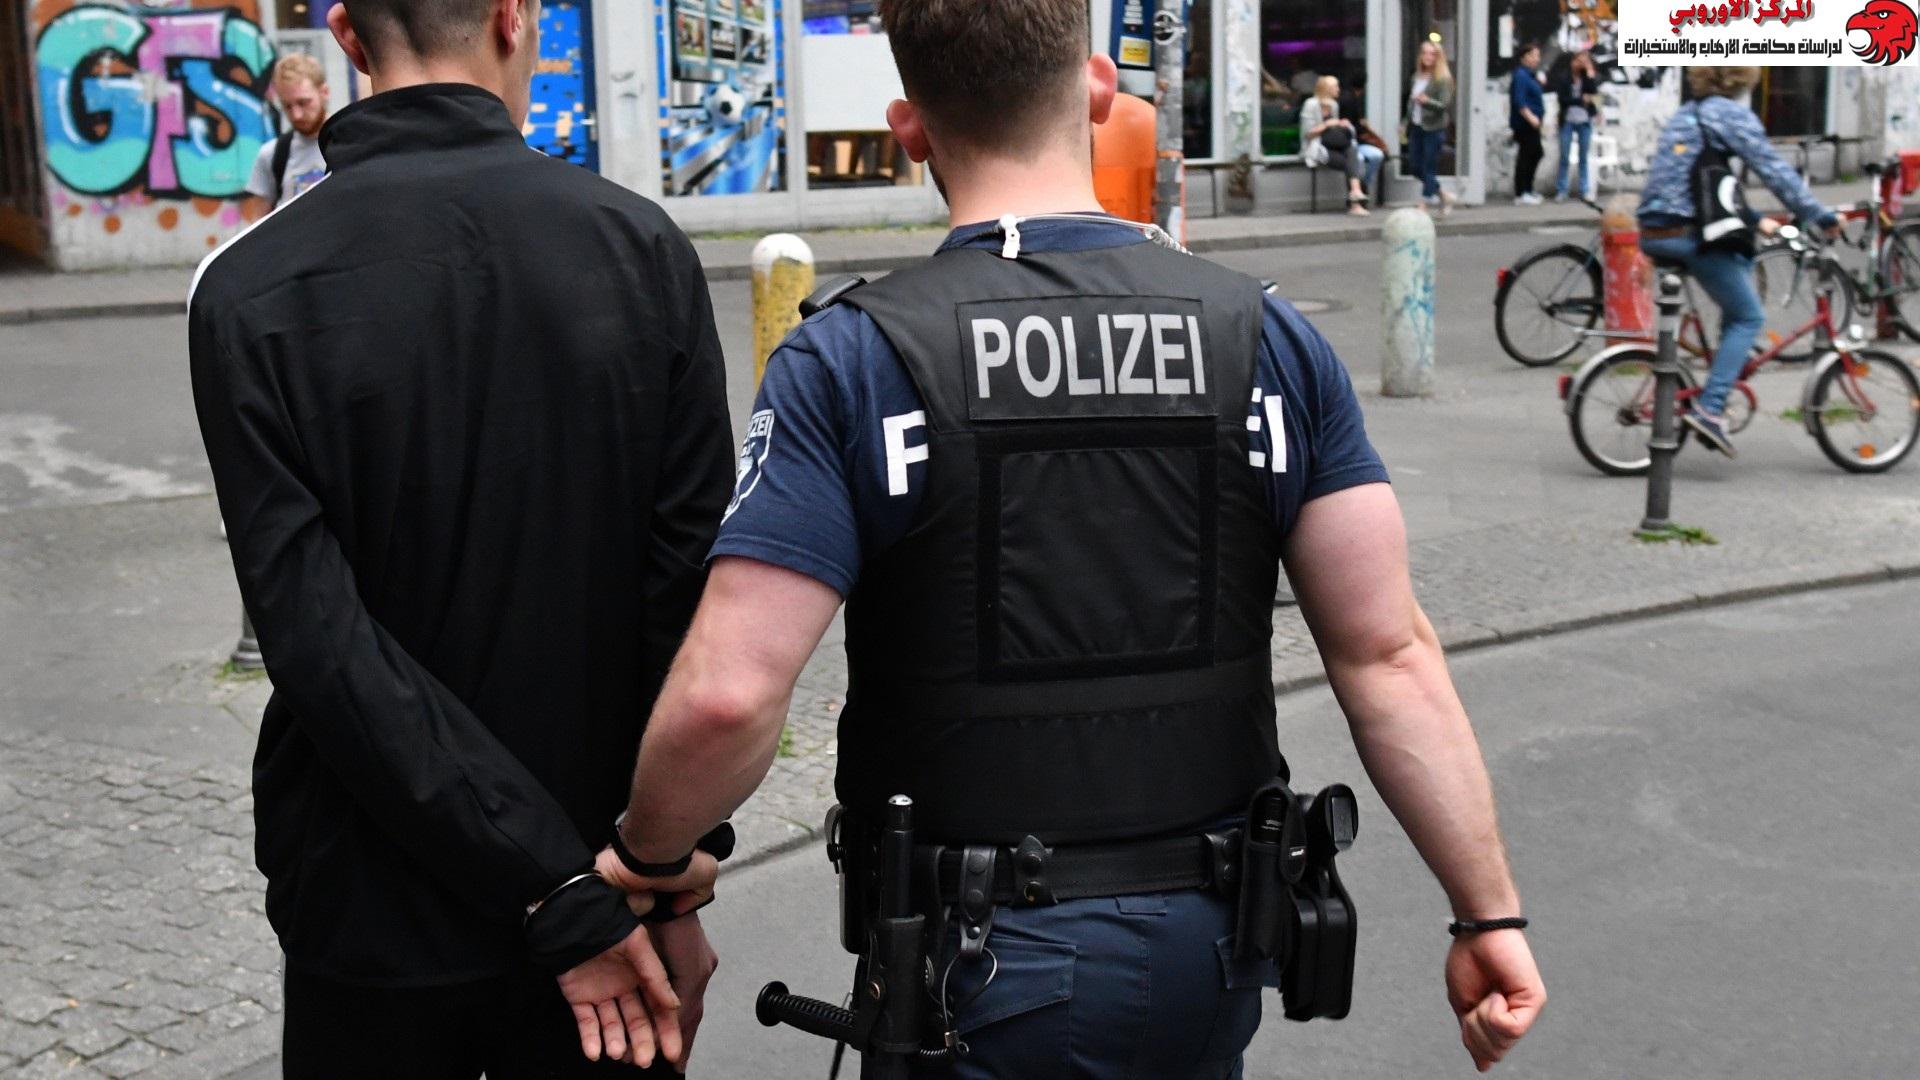 ألمانيا.. تهديدات من قبل جماعات منشقة عن الأوساط الإسلاموية المتطرفة